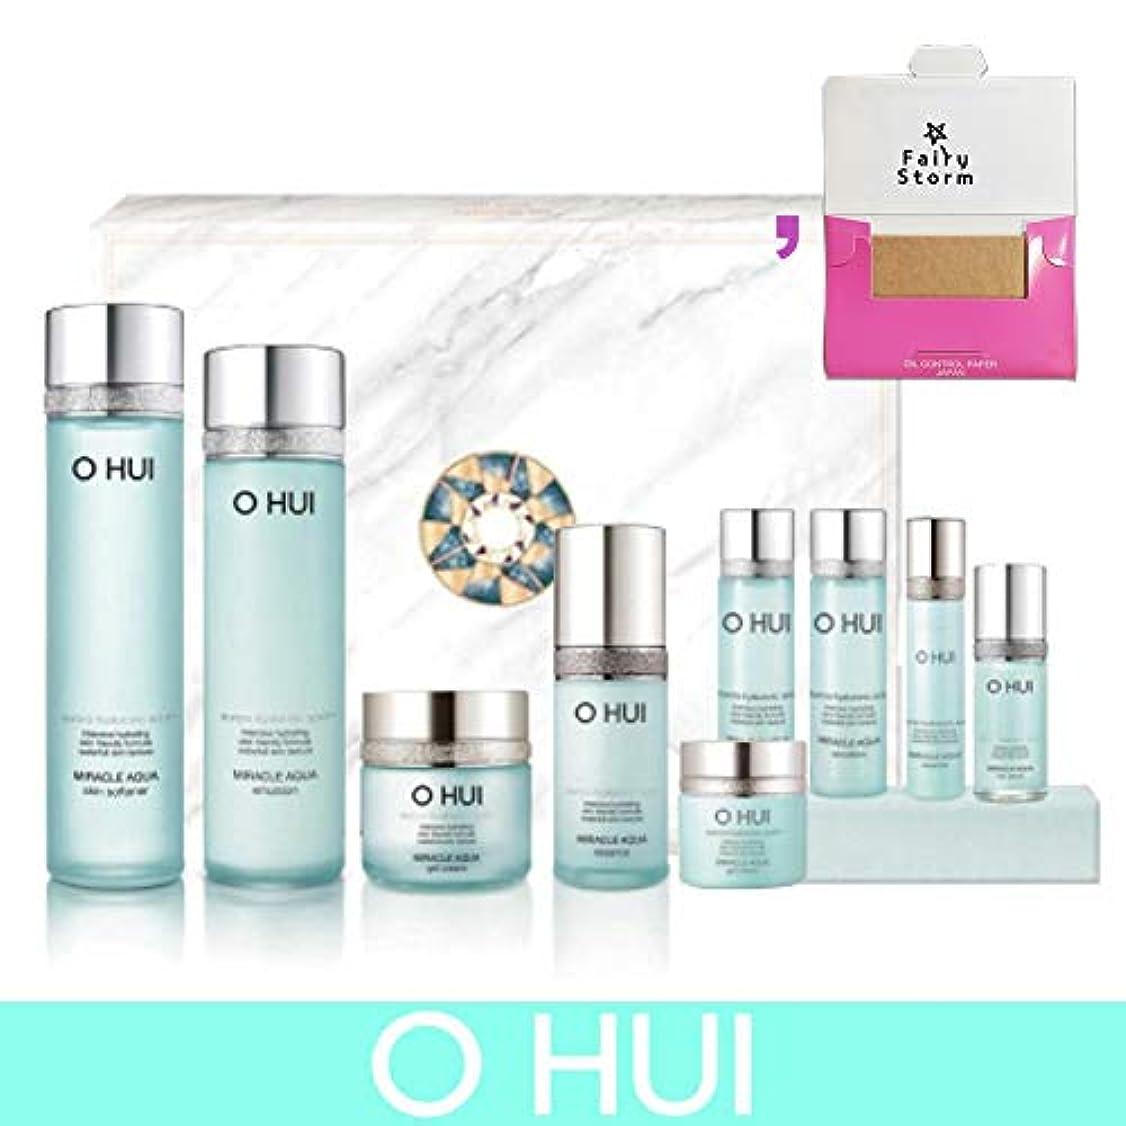 尽きる相手センブランス[オフィ/O HUI]韓国化粧品 LG生活健康/O HUI MIRACLE AQUA SPECIAL 4EA SET/ミラクル アクア 4種セット + [Sample Gift](海外直送品)